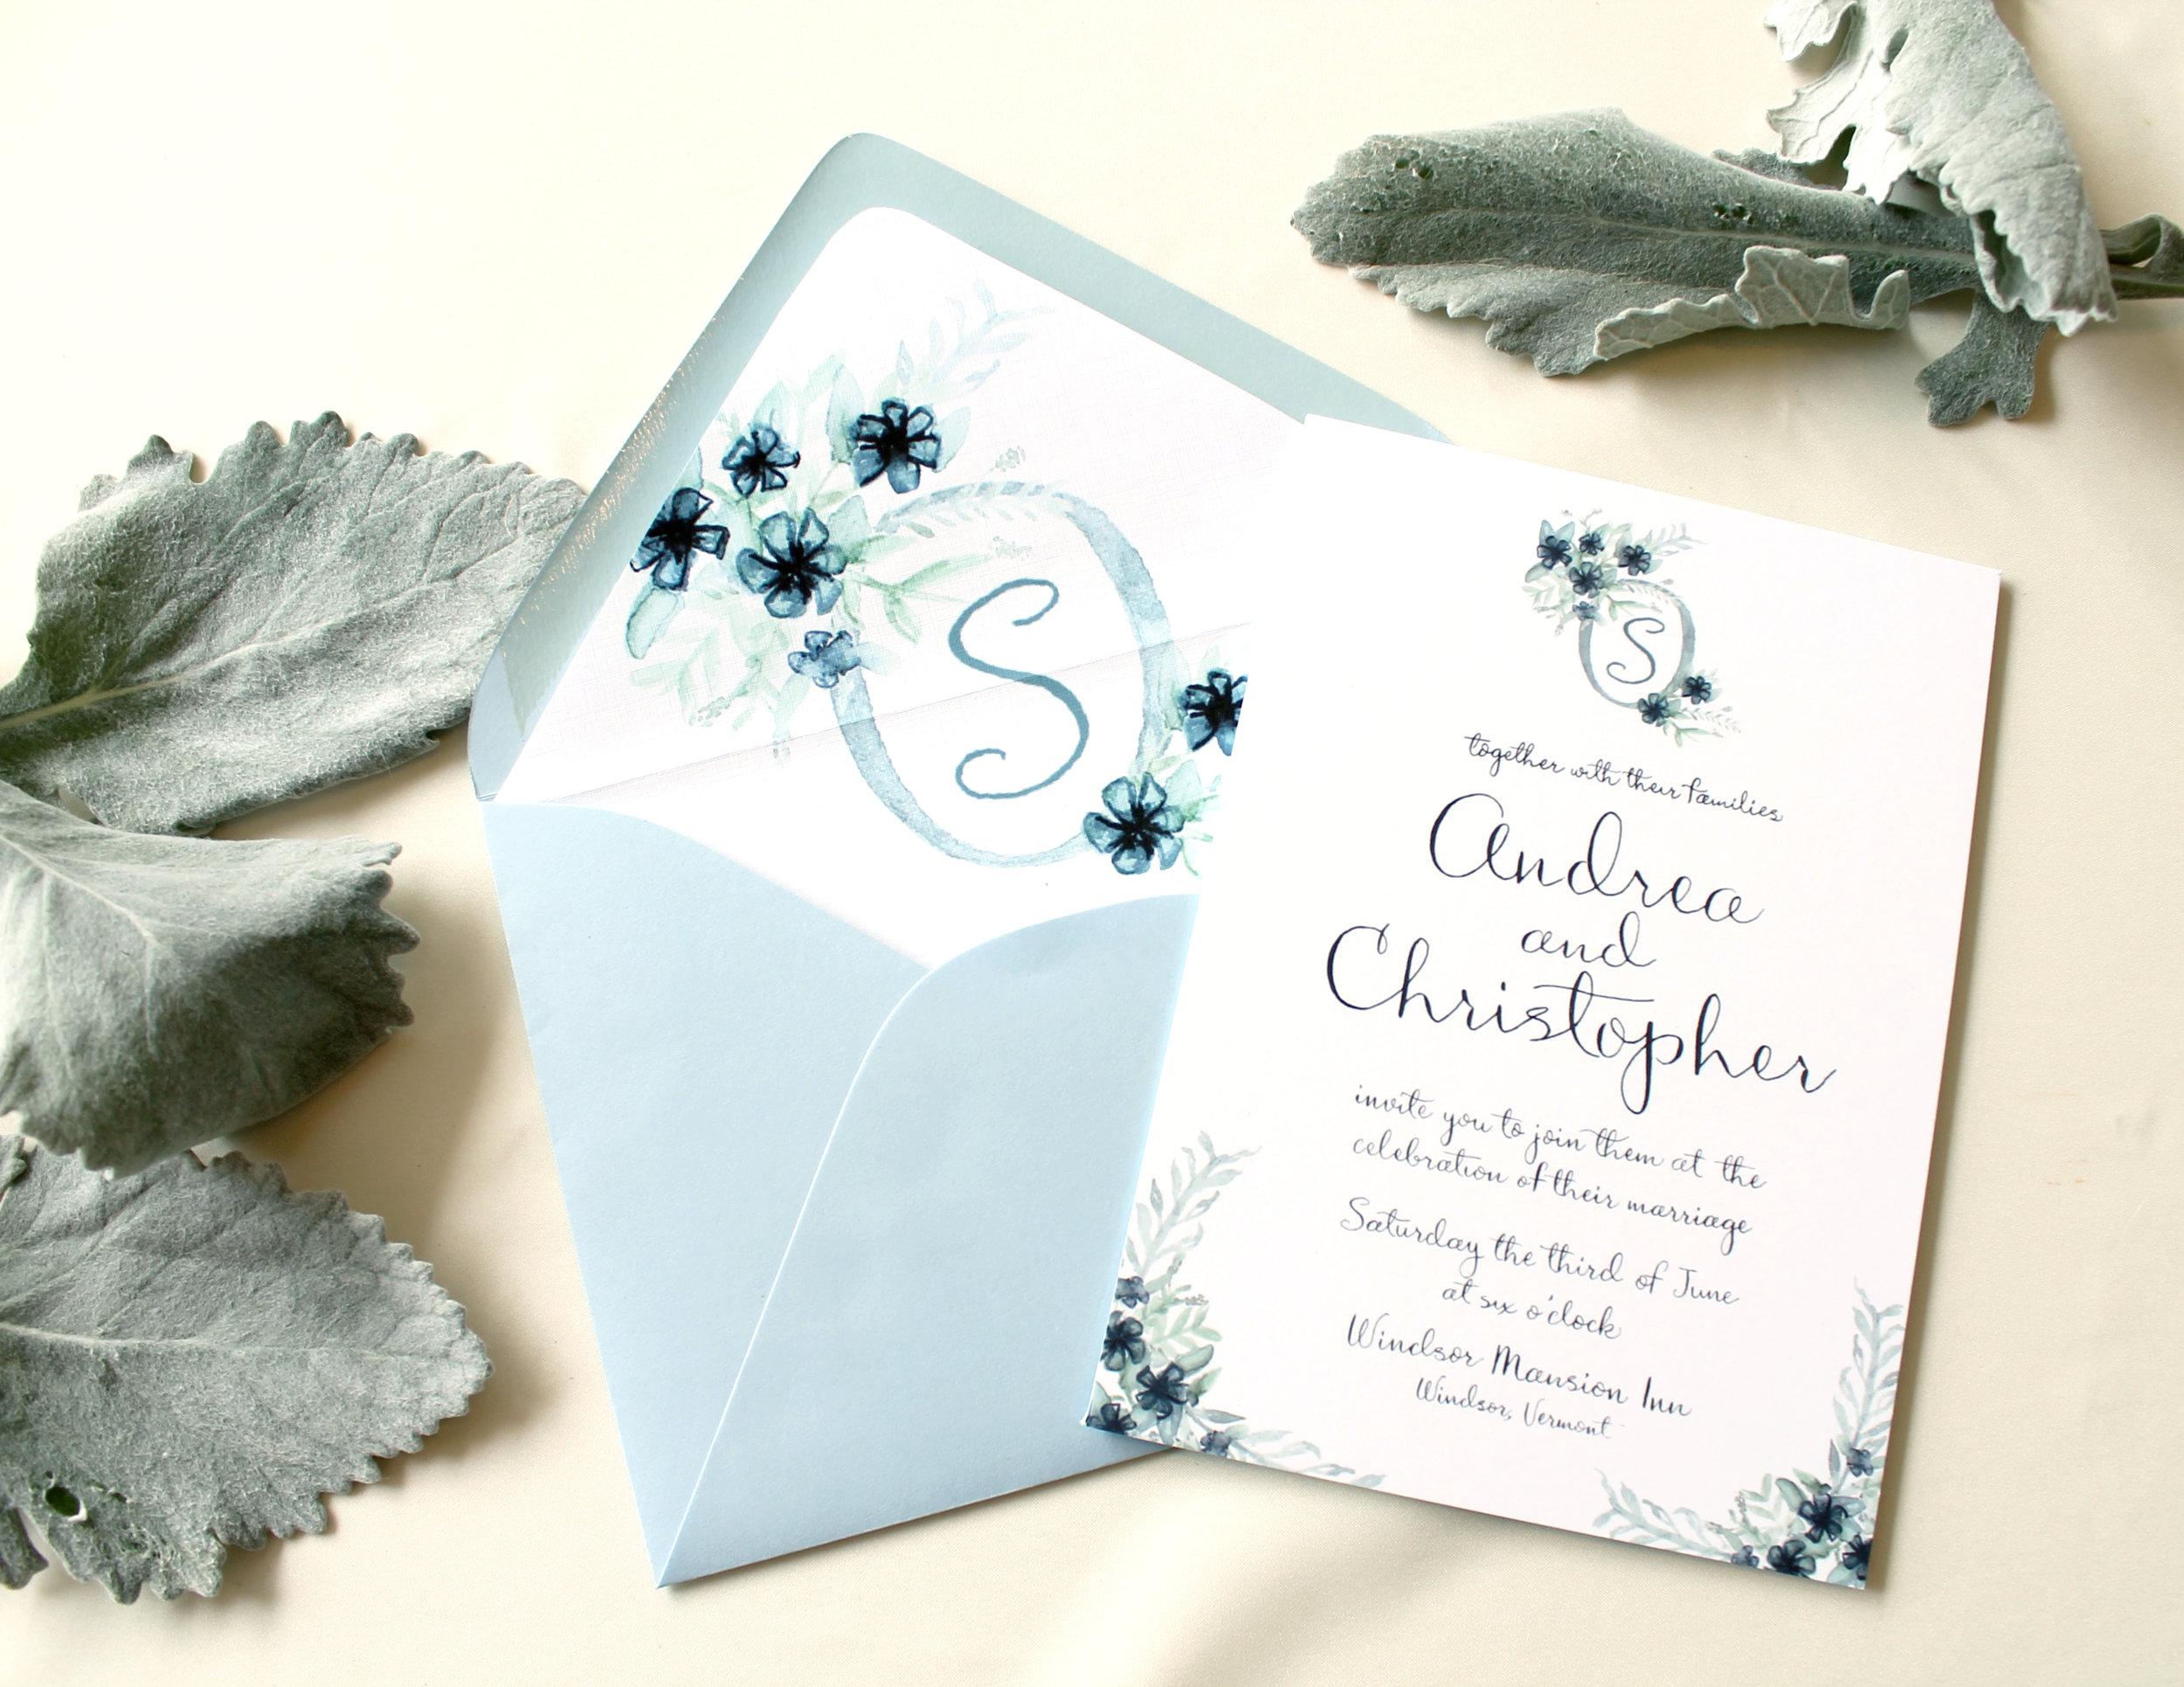 Blush and Blue Designs - Custom Wedding Invitation Designs, Raleigh wedding invitation designer